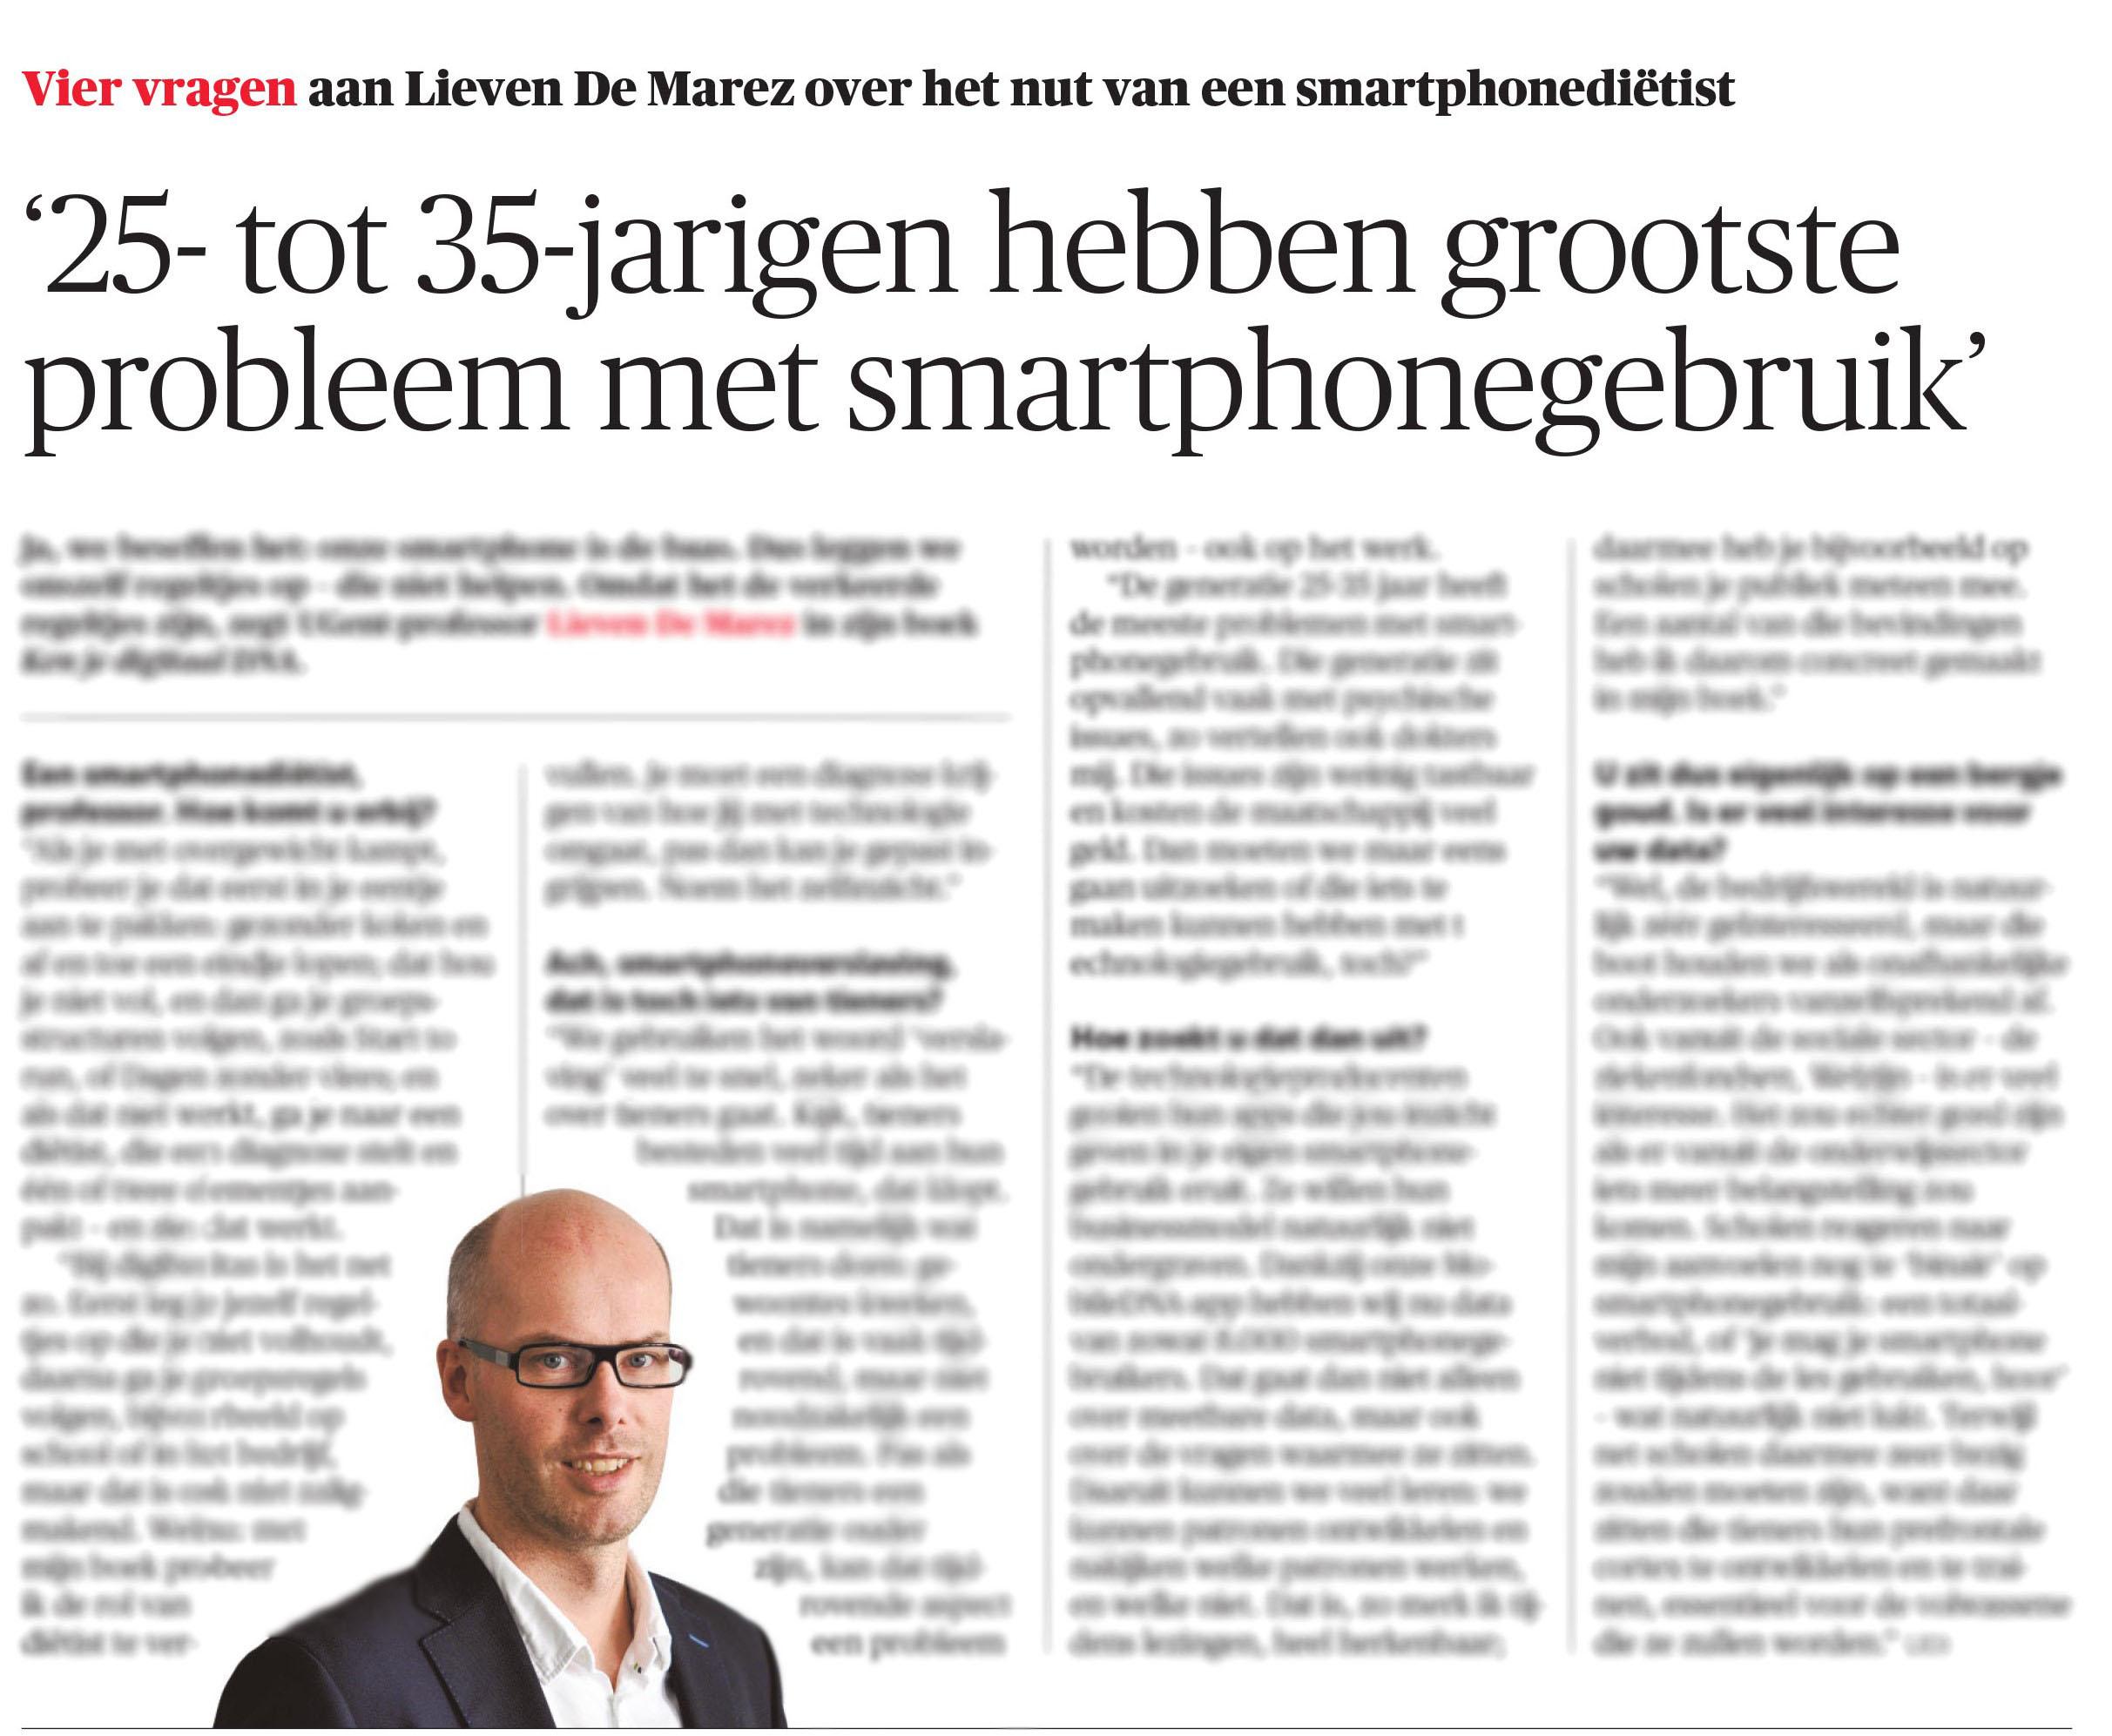 BRON: De Morgen, 08/05/2019, p. 2